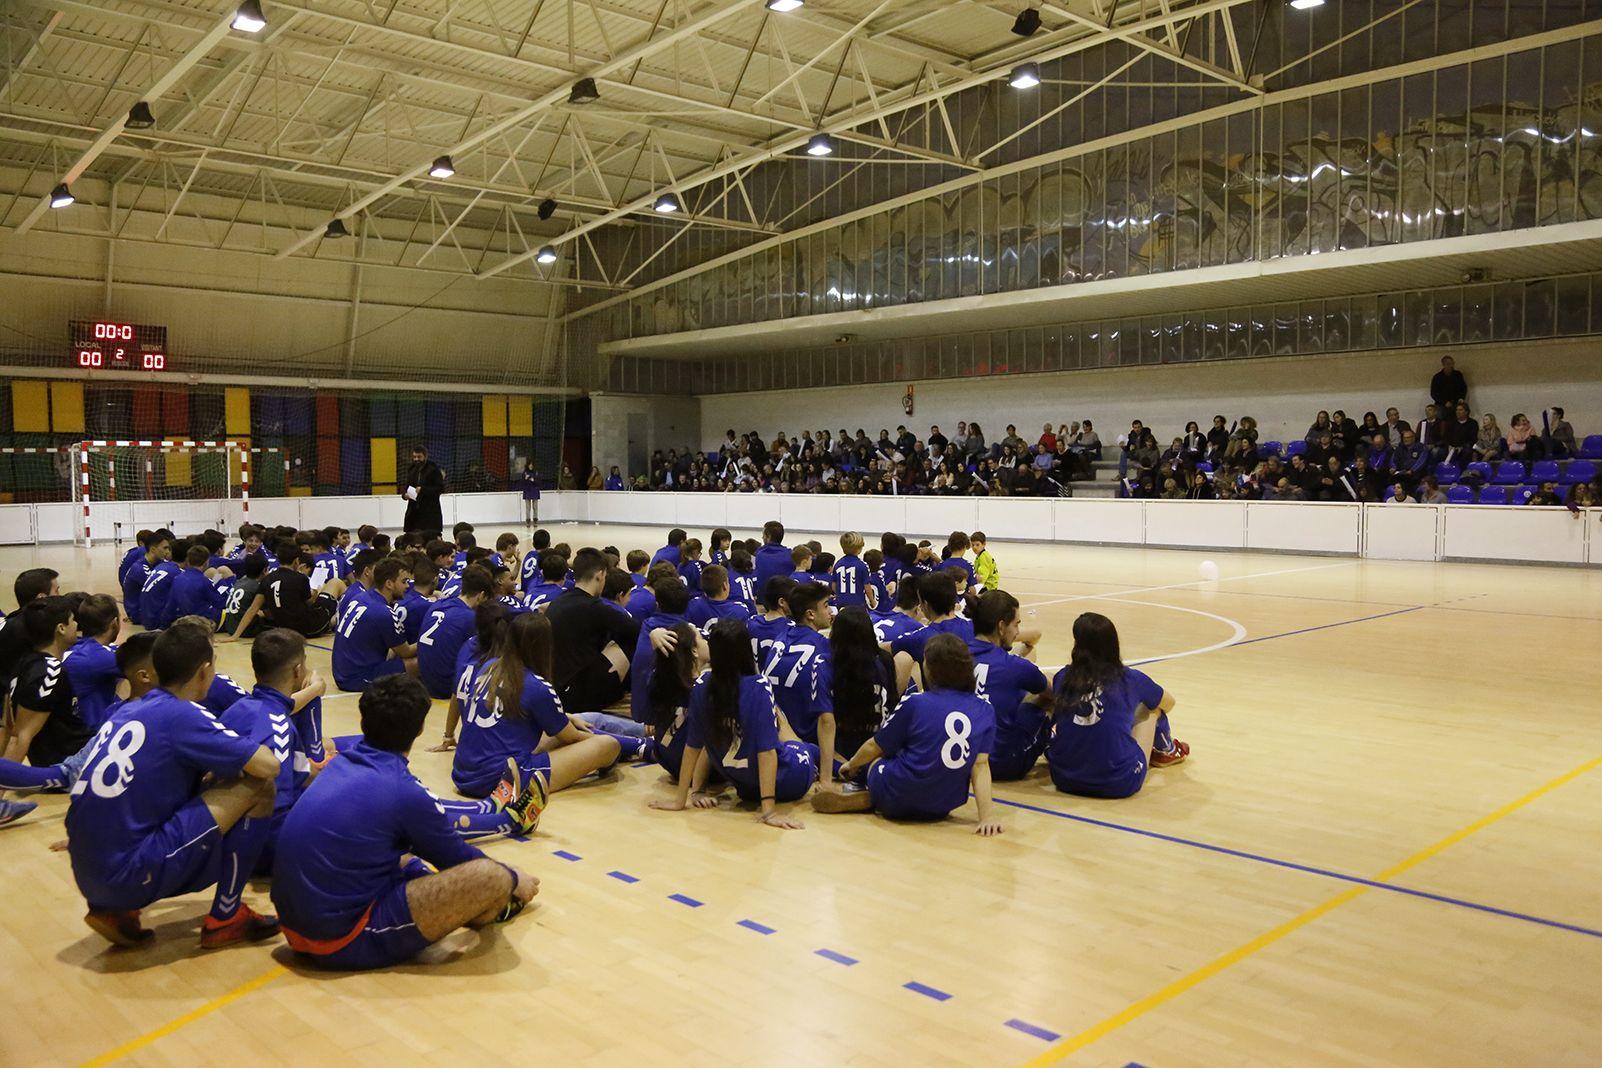 Presentació d'equips de l'Olimpyc la Floresta de futbol sala. FOTO: Anna Bassa